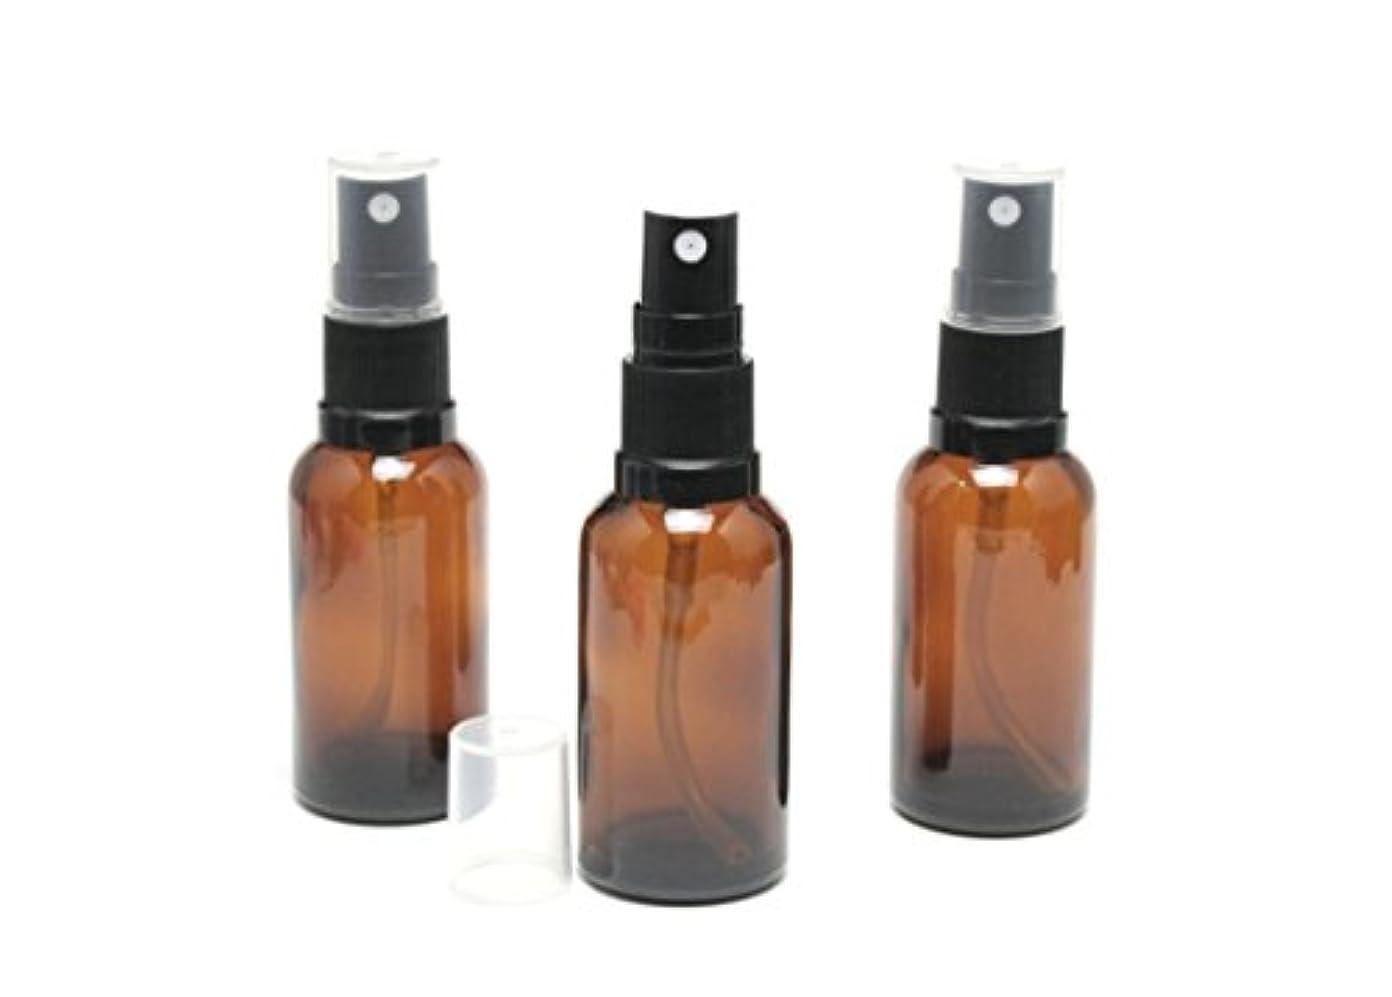 寄り添うスキニー六遮光瓶 スプレーボトル (グラス/アトマイザー) 30ml アンバー/ブラックヘッド 3本セット 【 新品アウトレット商品 】